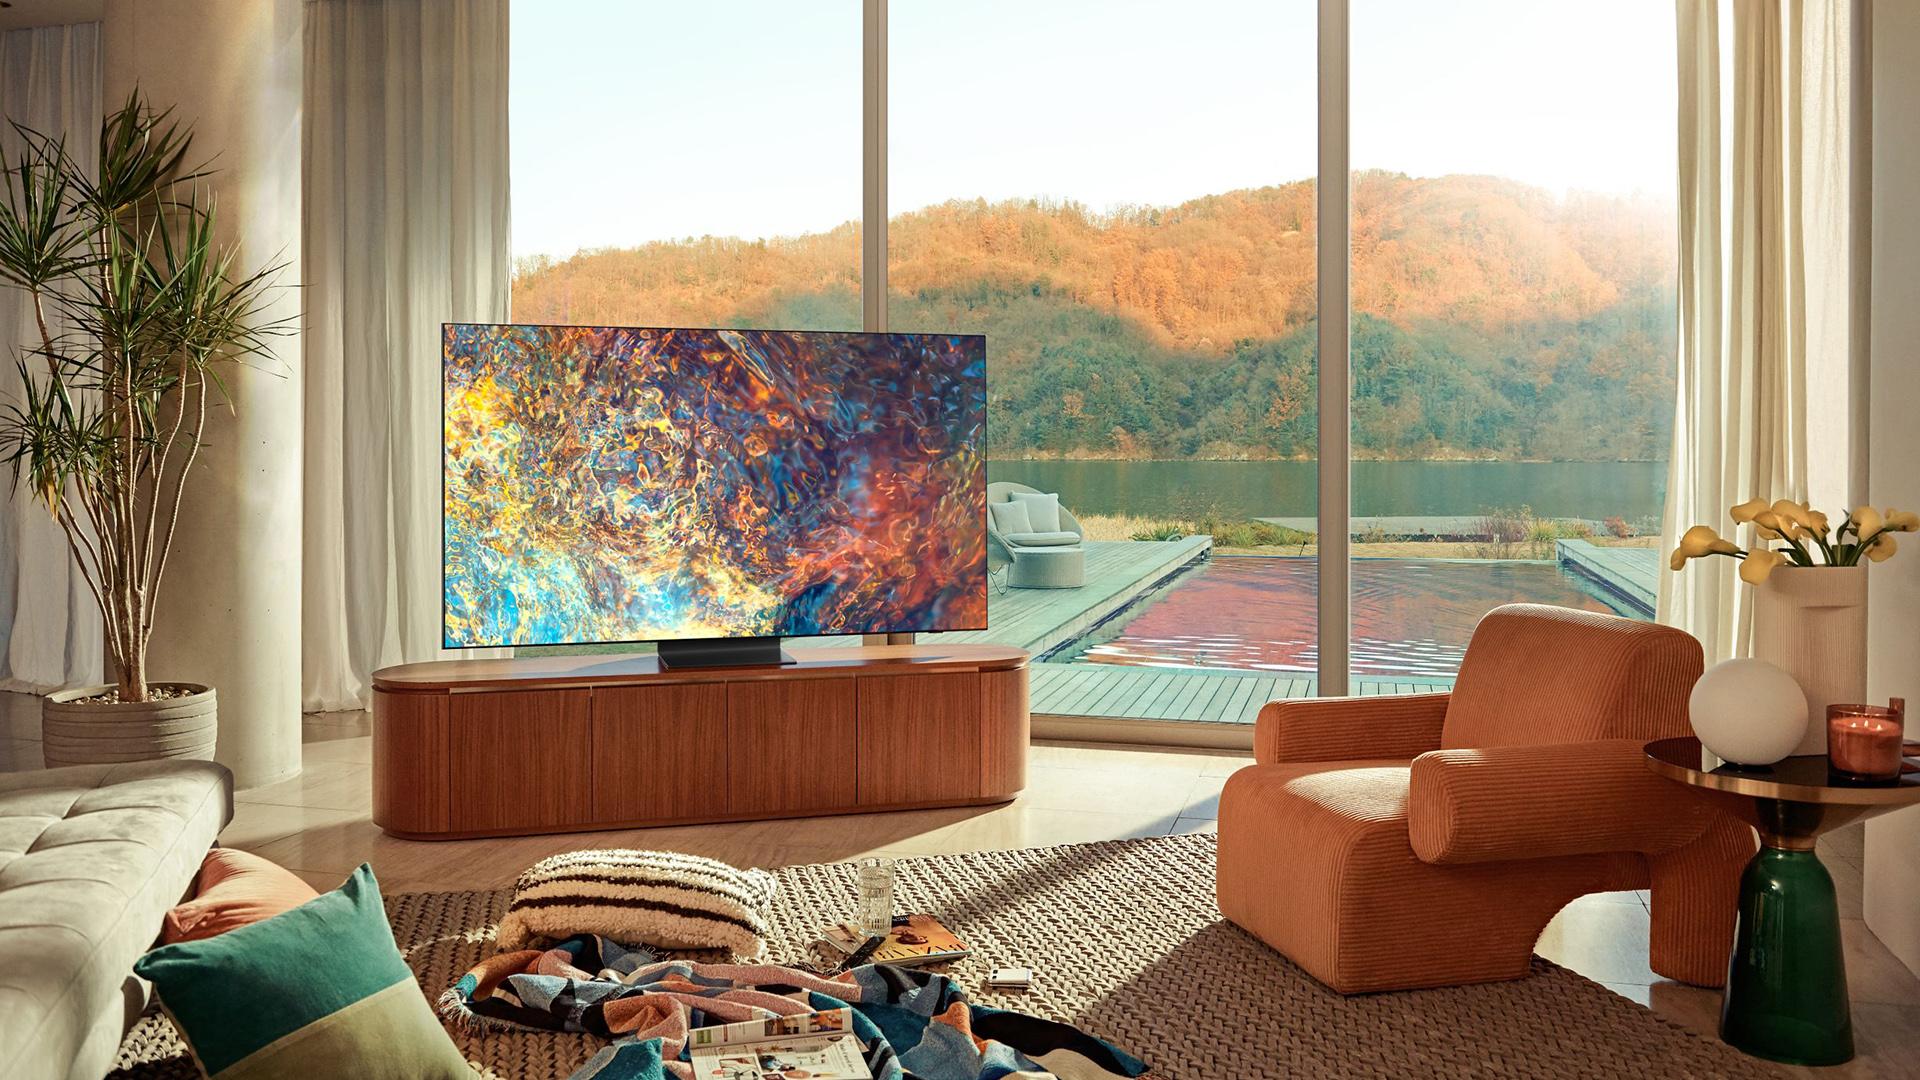 Выбираем телевизор на 65 дюймов: какому бренду отдать предпочтение